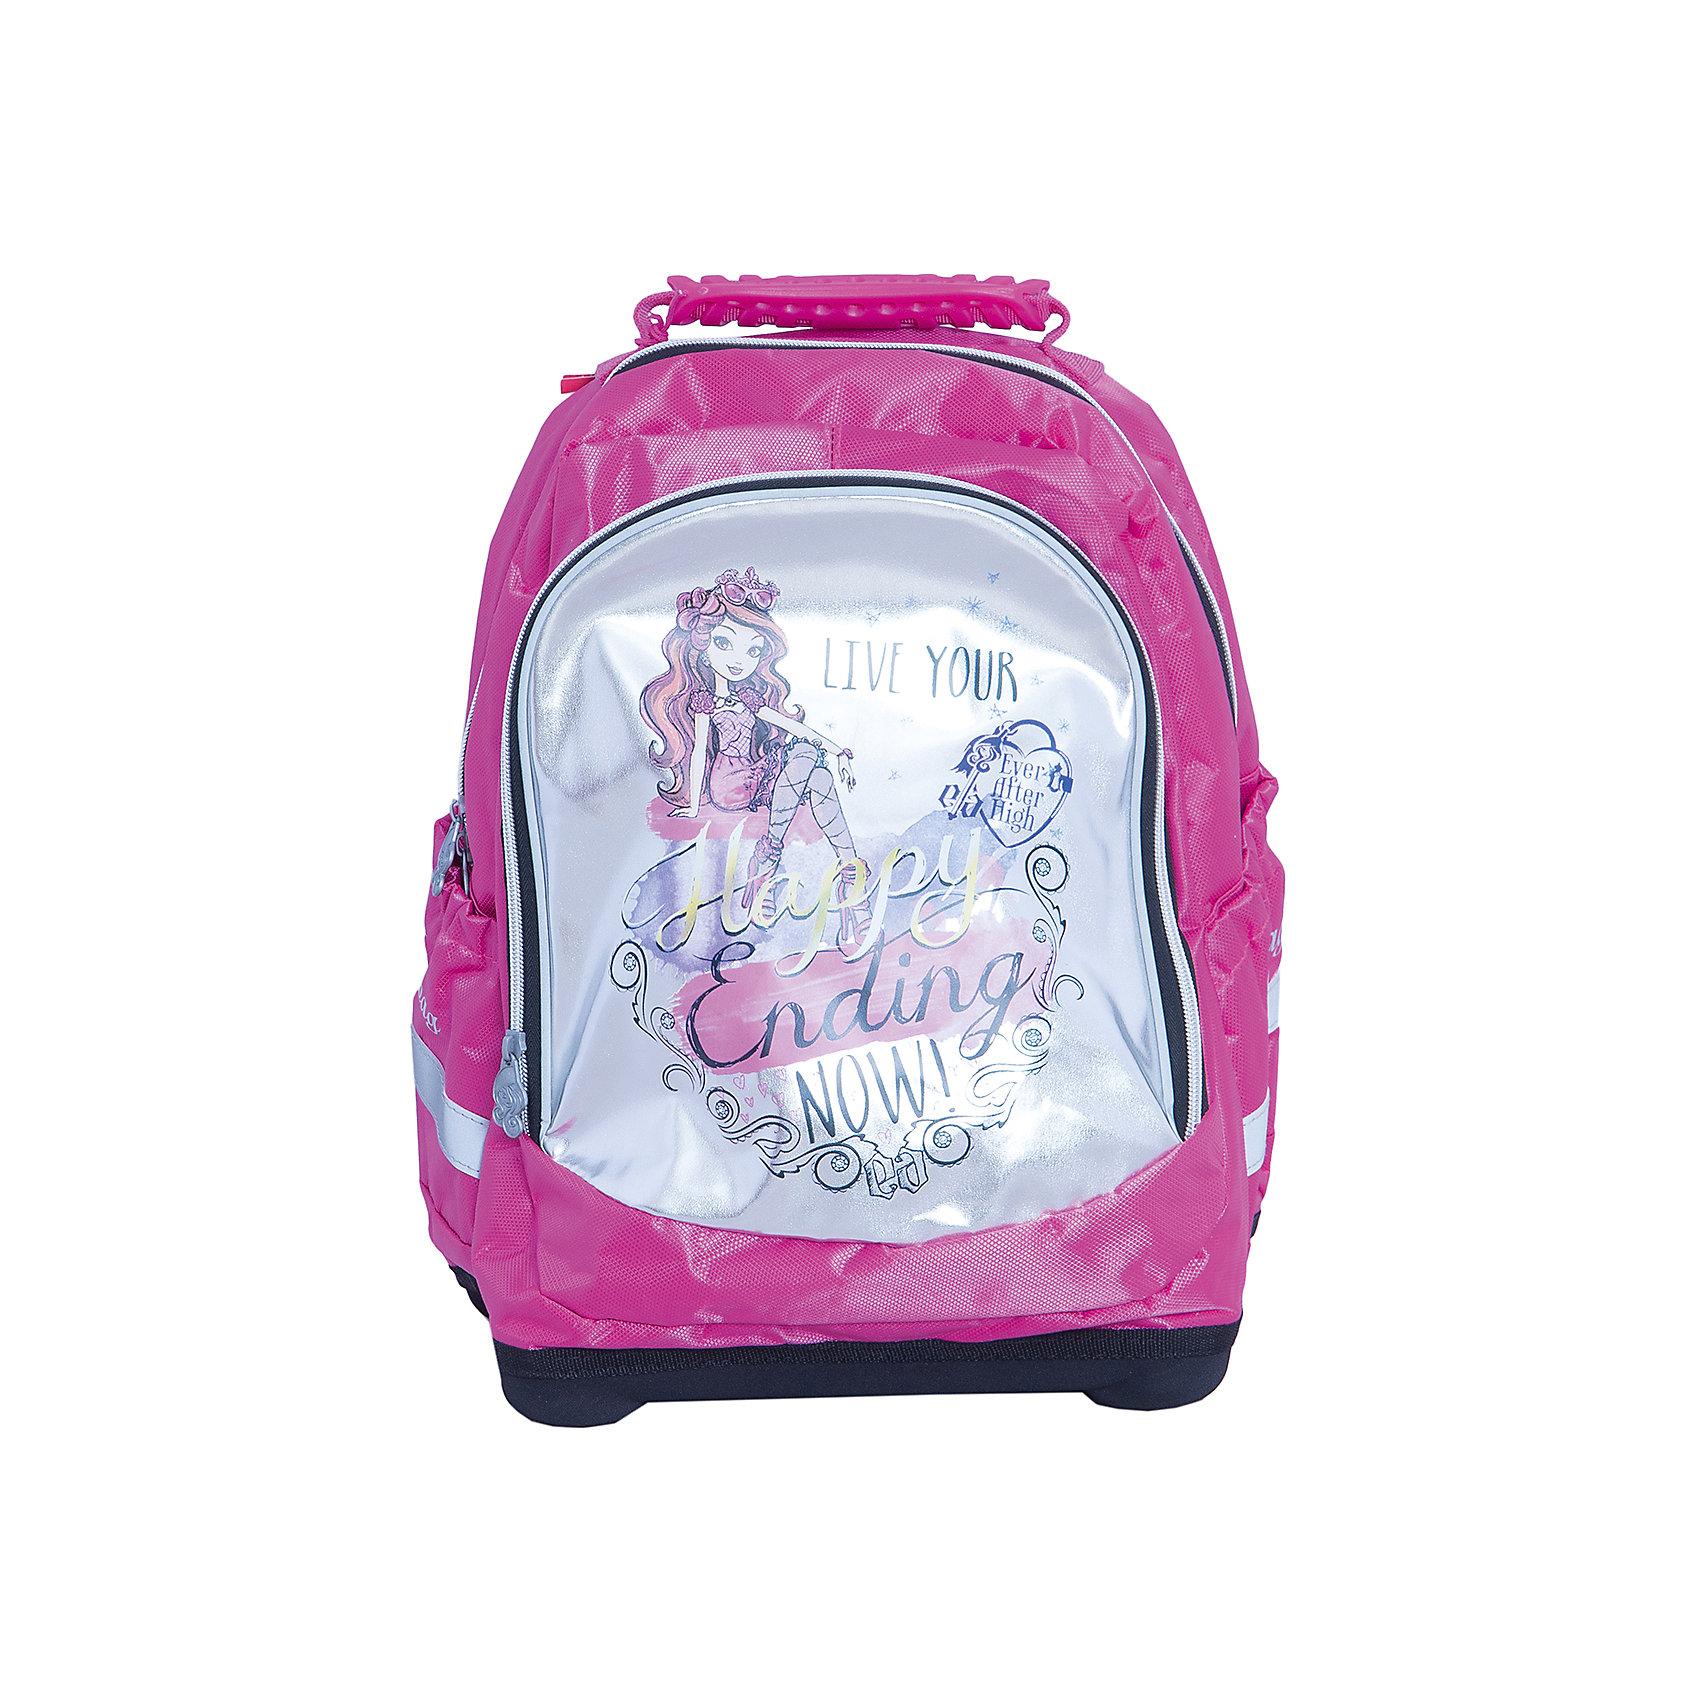 Ортопедический рюкзак Nice bag, Ever After HighEver After High Товары для школы<br>Ортопедический рюкзак Nice bag, Ever After High (Долго и счастливо) – этот удобный рюкзак станет незаменимым спутником вашего ребенка.<br>Ортопедический рюкзак Nice bag, Ever After High (Долго и счастливо) - это более мягкий, по сравнению с ранцем, эргономичный текстильный школьный рюкзак, обладающий оригинальным дизайном и большой вместительностью. Благодаря уплотненной вентилируемой спинке позвоночник ребенка не будет испытывать больших нагрузок во время эксплуатации рюкзака. Широкие уплотненные регулируемые лямки позволяют адаптировать рюкзак к изменению роста ребенка. Рюкзак имеет два отделения, закрывающиеся на застежки-молнии, боковые карманы. Жесткое дно оборудовано ножками для защиты от загрязнений. Предусмотрена удобная ручка для переноски. Светоотражающие полосы сделают ребенка заметным на проезжей части в темное время суток и в сумерках.<br><br>Дополнительная информация:<br><br>- Размер упаковки: 18х38х31 см.<br>- Вес в упаковке: 750 гр.<br><br>Ортопедический рюкзак Nice bag, Ever After High (Долго и счастливо) можно купить в нашем интернет-магазине.<br><br>Ширина мм: 180<br>Глубина мм: 380<br>Высота мм: 310<br>Вес г: 750<br>Возраст от месяцев: 72<br>Возраст до месяцев: 96<br>Пол: Женский<br>Возраст: Детский<br>SKU: 4700023